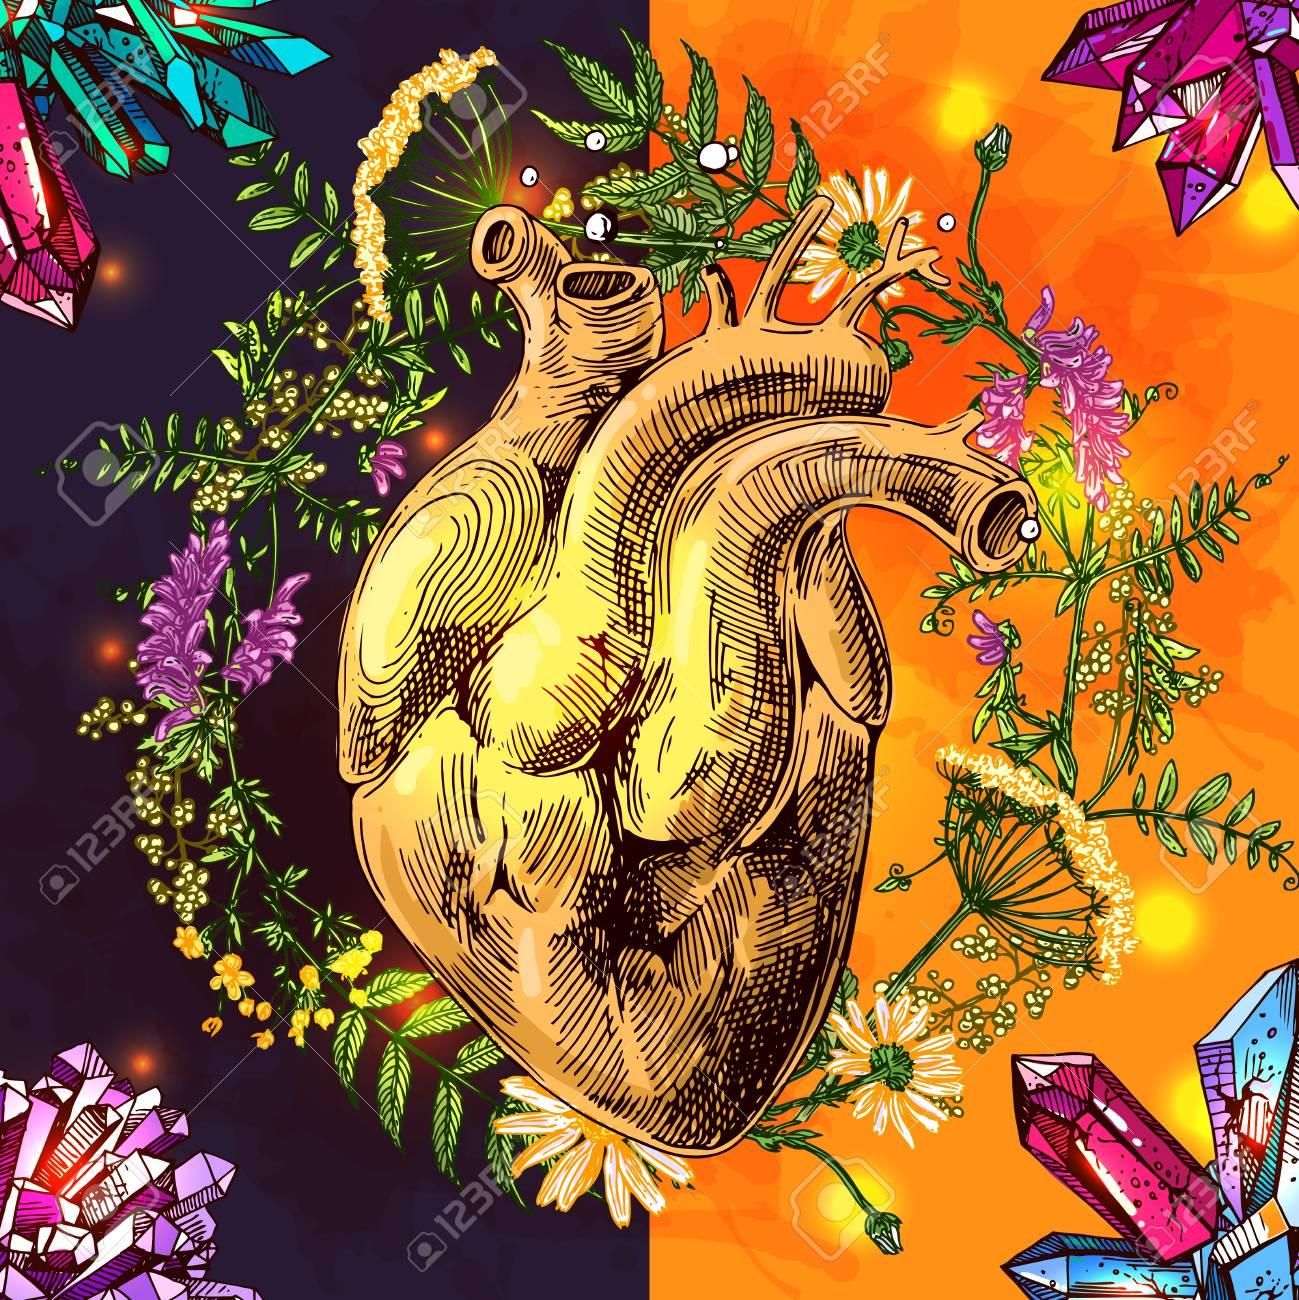 Illustration Avec Croquis De Coeur Humain Fond De Vecteur Dessiné Main Avec Fleurs Sauvages Et Cristallin Dessin De Style Boho Nous Pour Imprimer